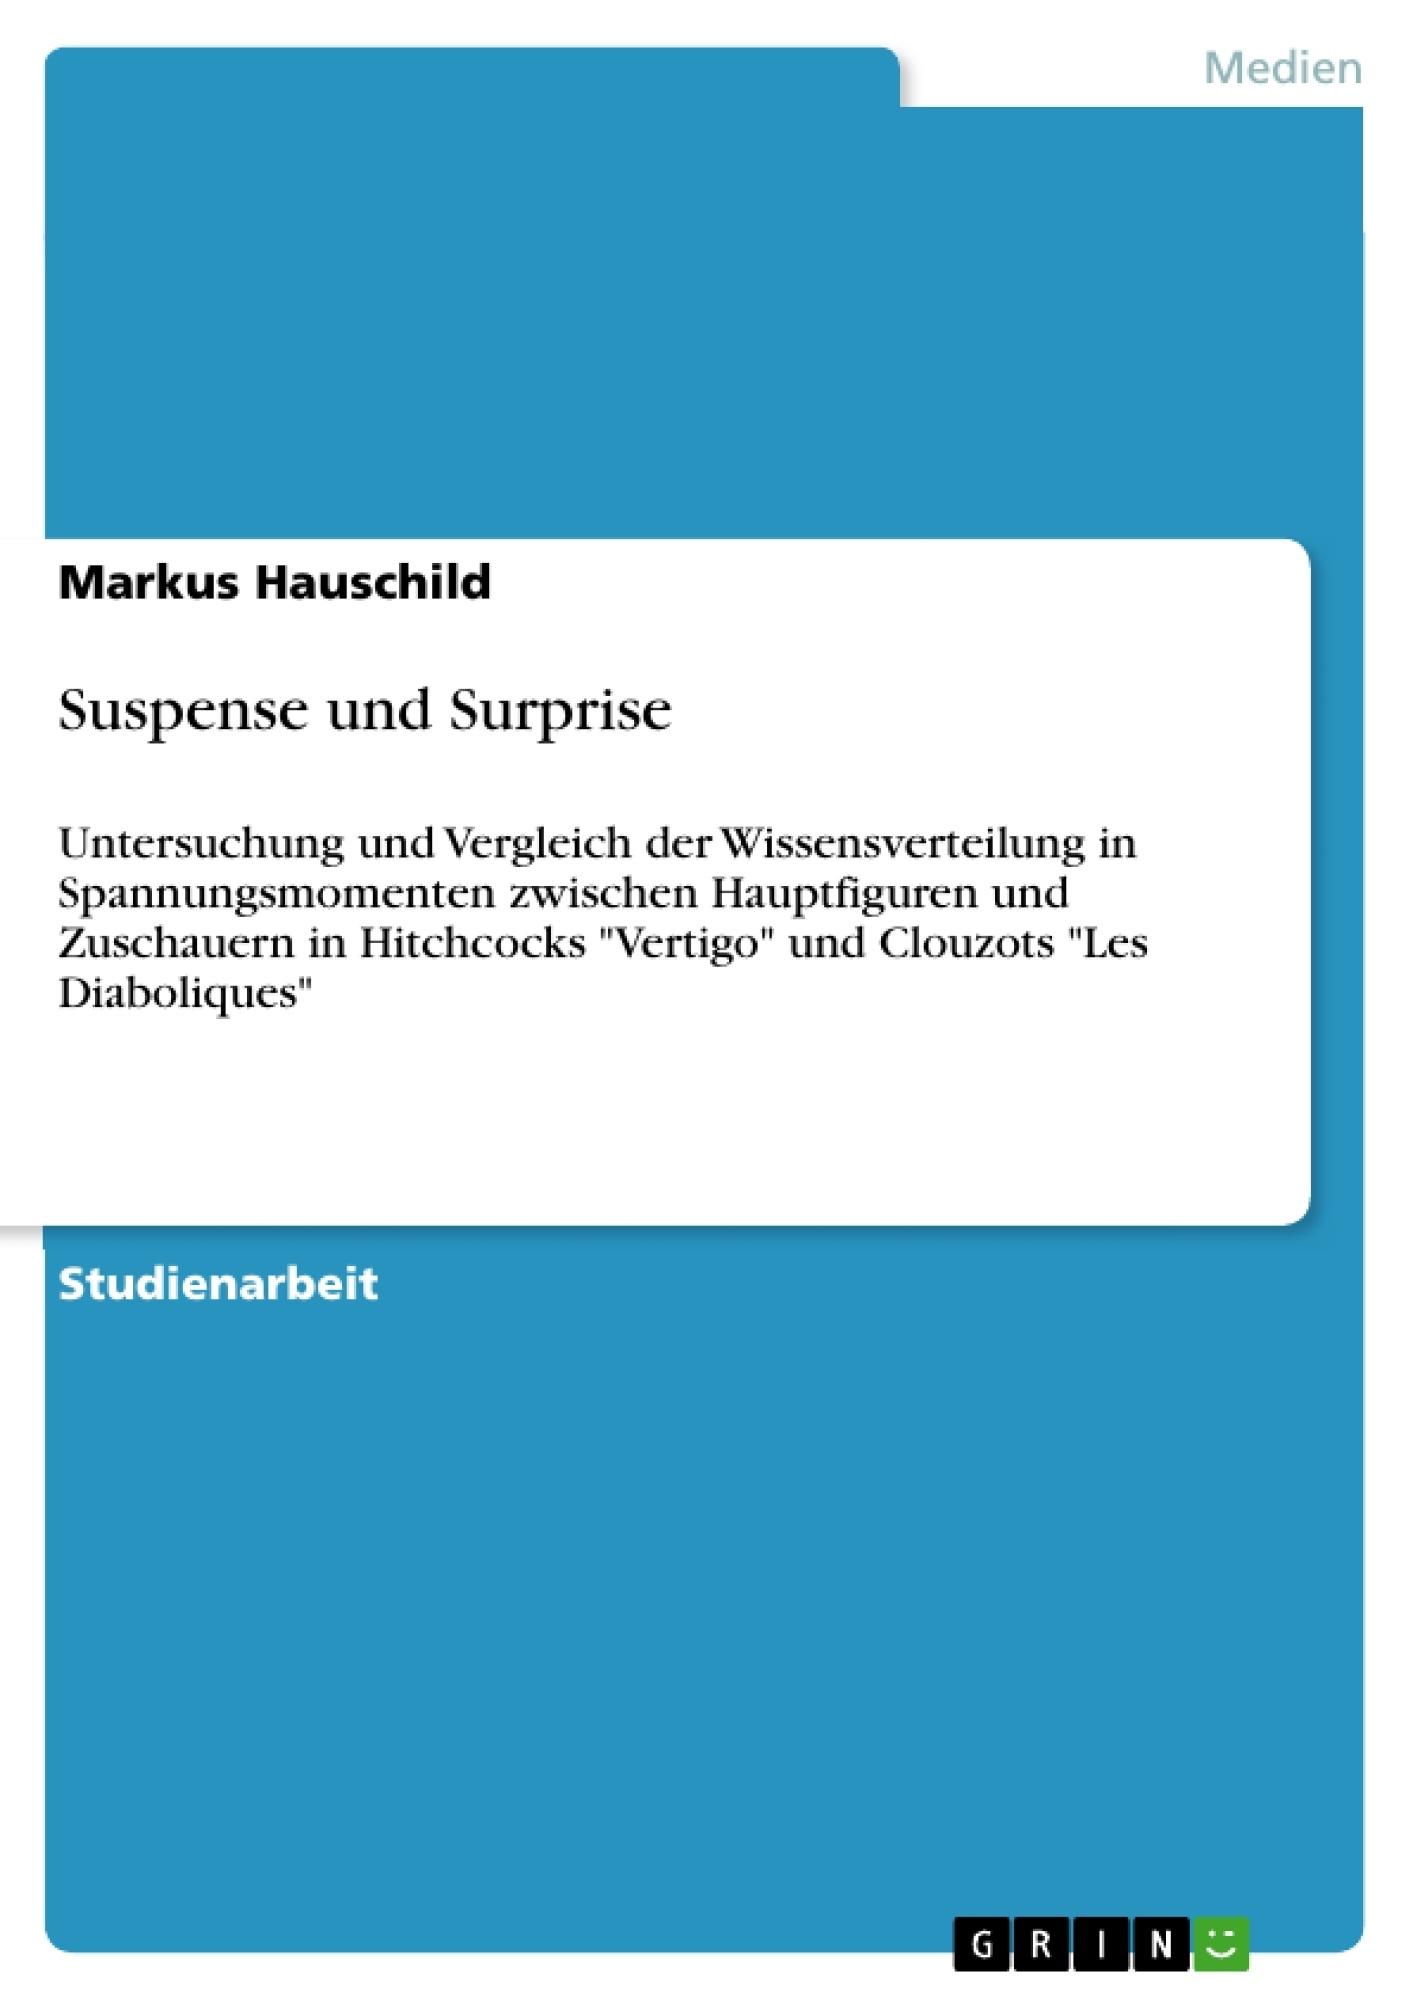 Titel: Suspense und Surprise